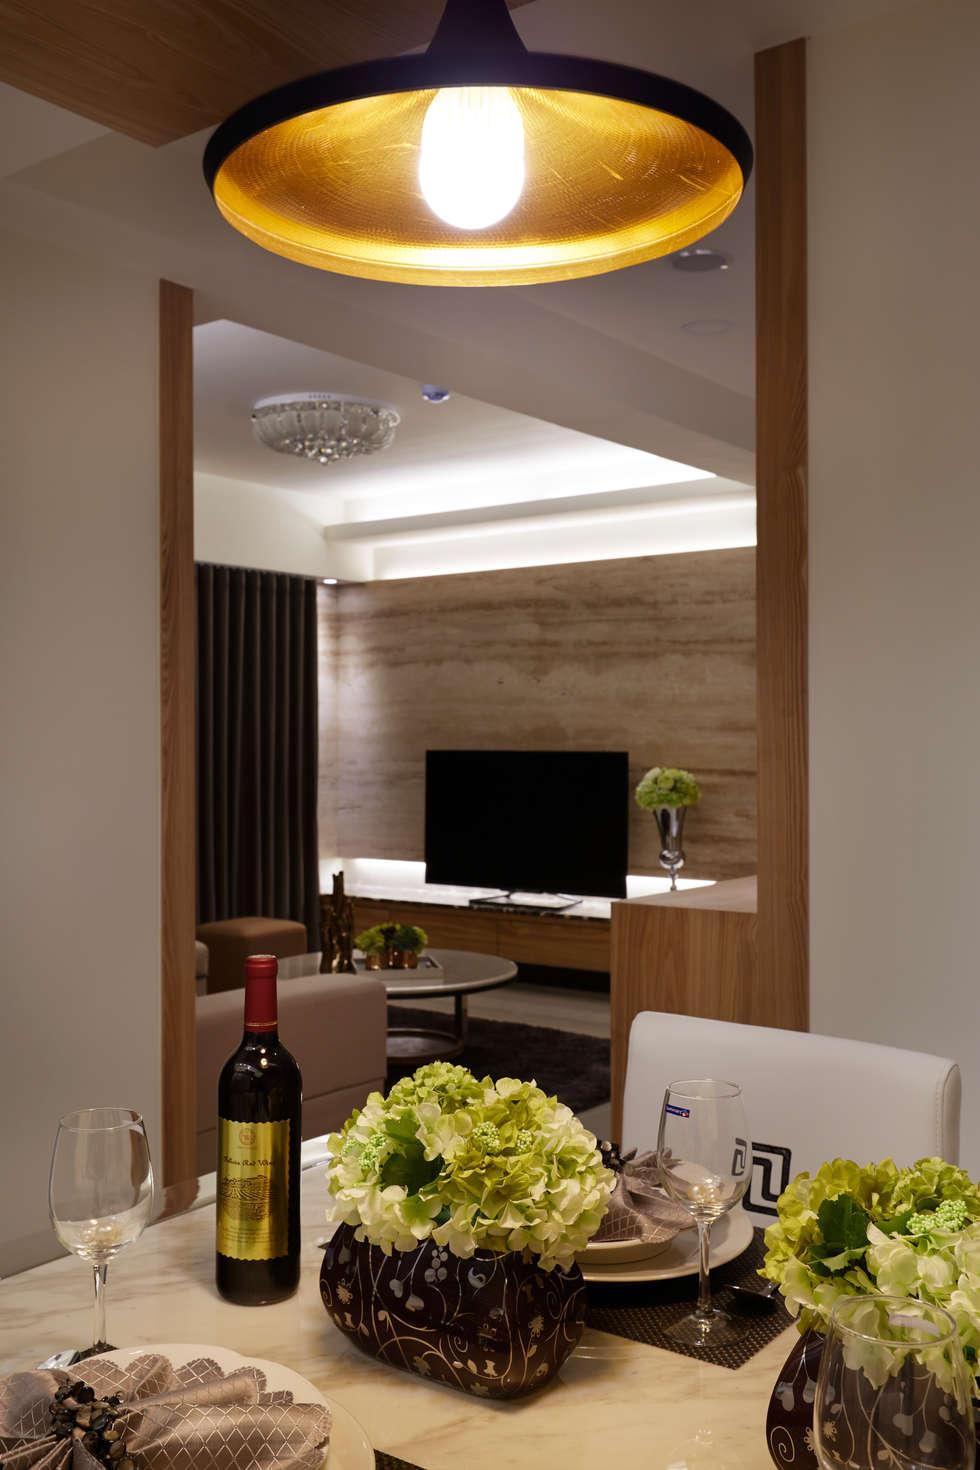 將建材複雜性降到最低:  飯店 by 雅和室內設計